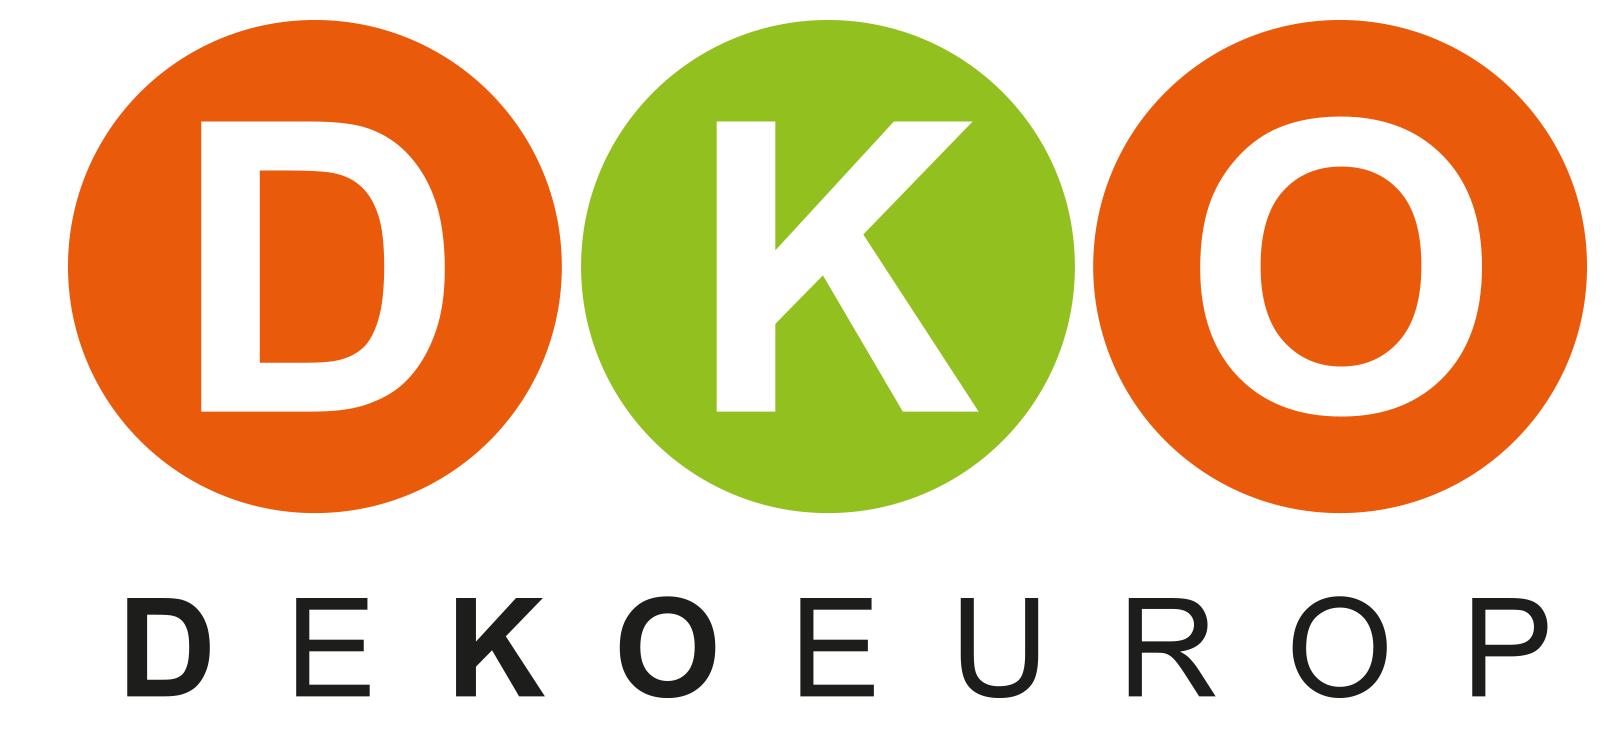 Dekoeurop